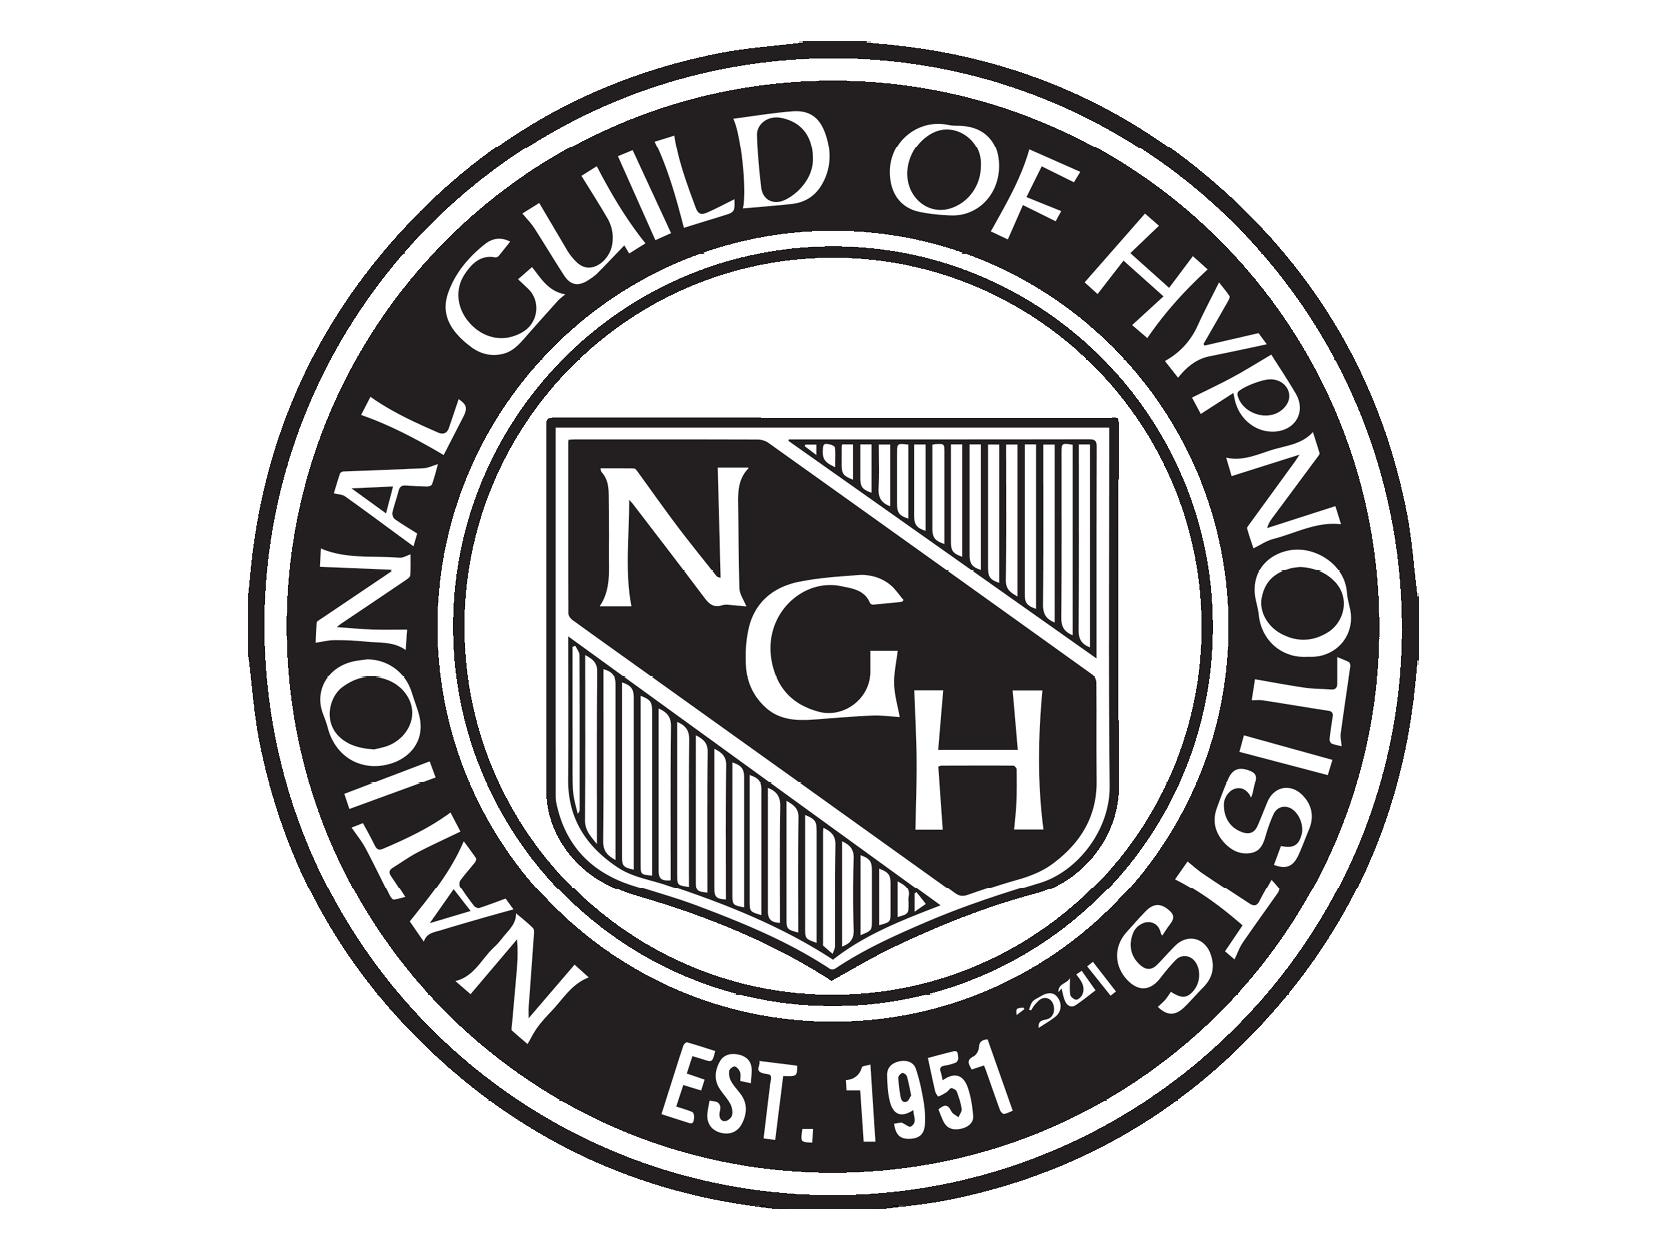 Diplôme NGH - La National Guild of Hypnotists (NGH) est la plus grande et la plus prestigieuse organisation mondiale de certification en hypnose. Grâce à la qualité et la renommée de la formation de praticien en hypnose OMNI, vous recevrez automatiquement le diplôme de la NGH.